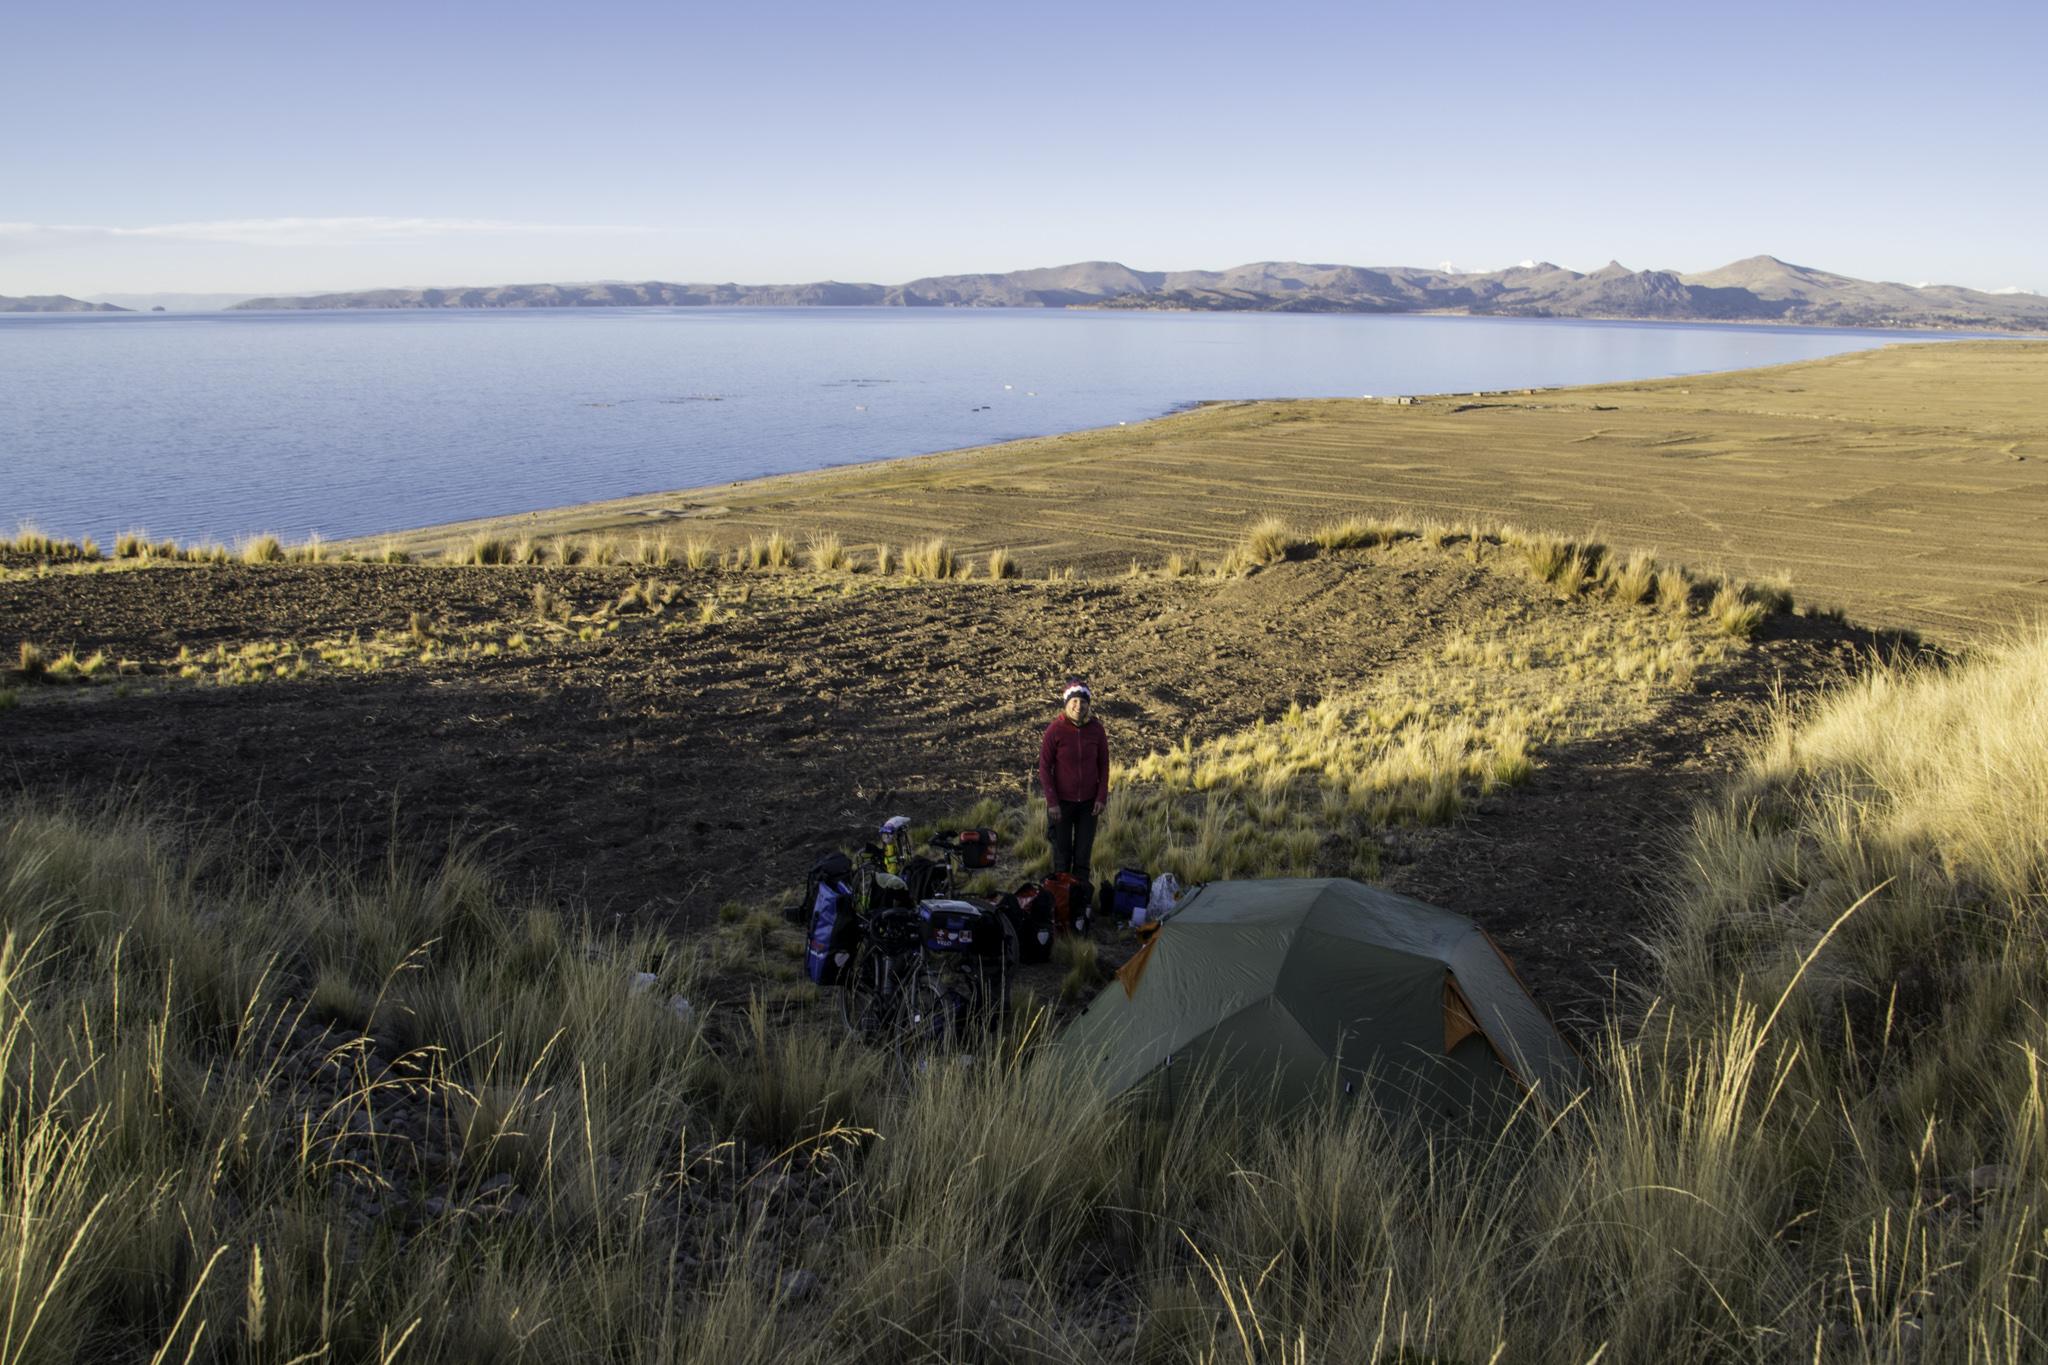 Zeltplatz am Lago Titicaca